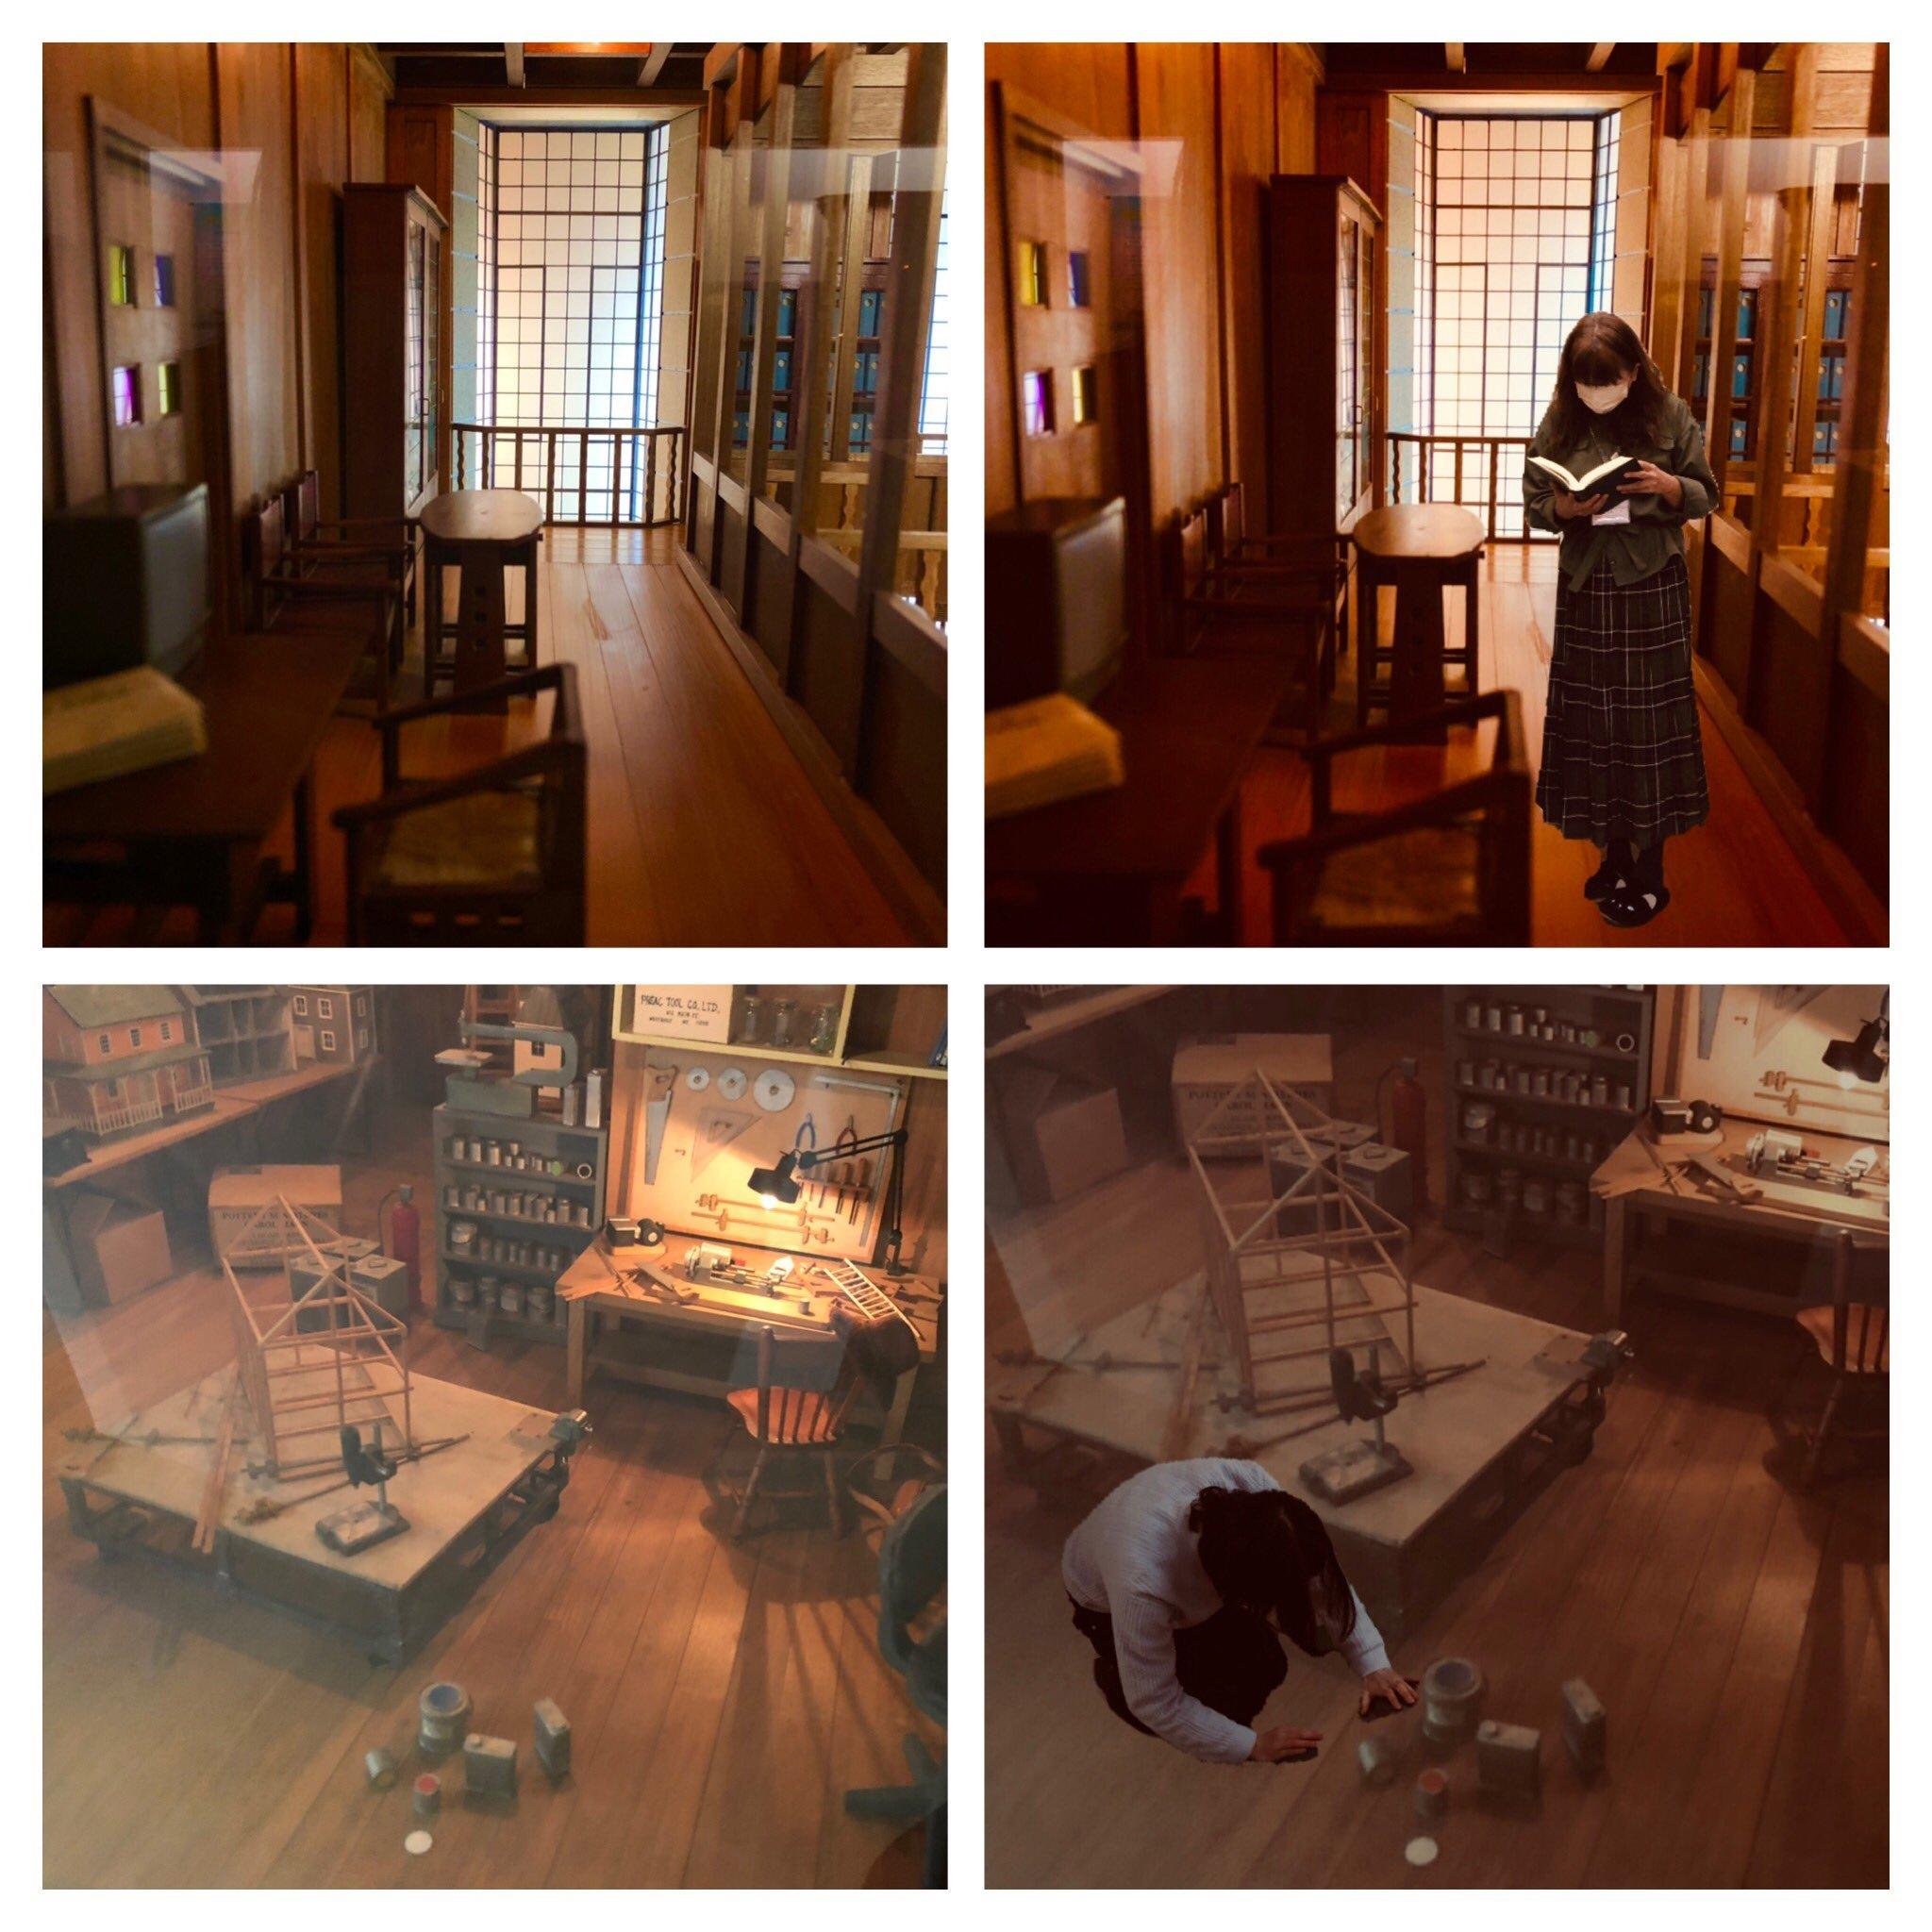 礒貝吉紀ドールハウスの魅力~小さな窓から大きな世界を~展開催 2月19日より4月20日まで_f0168873_10475967.jpg